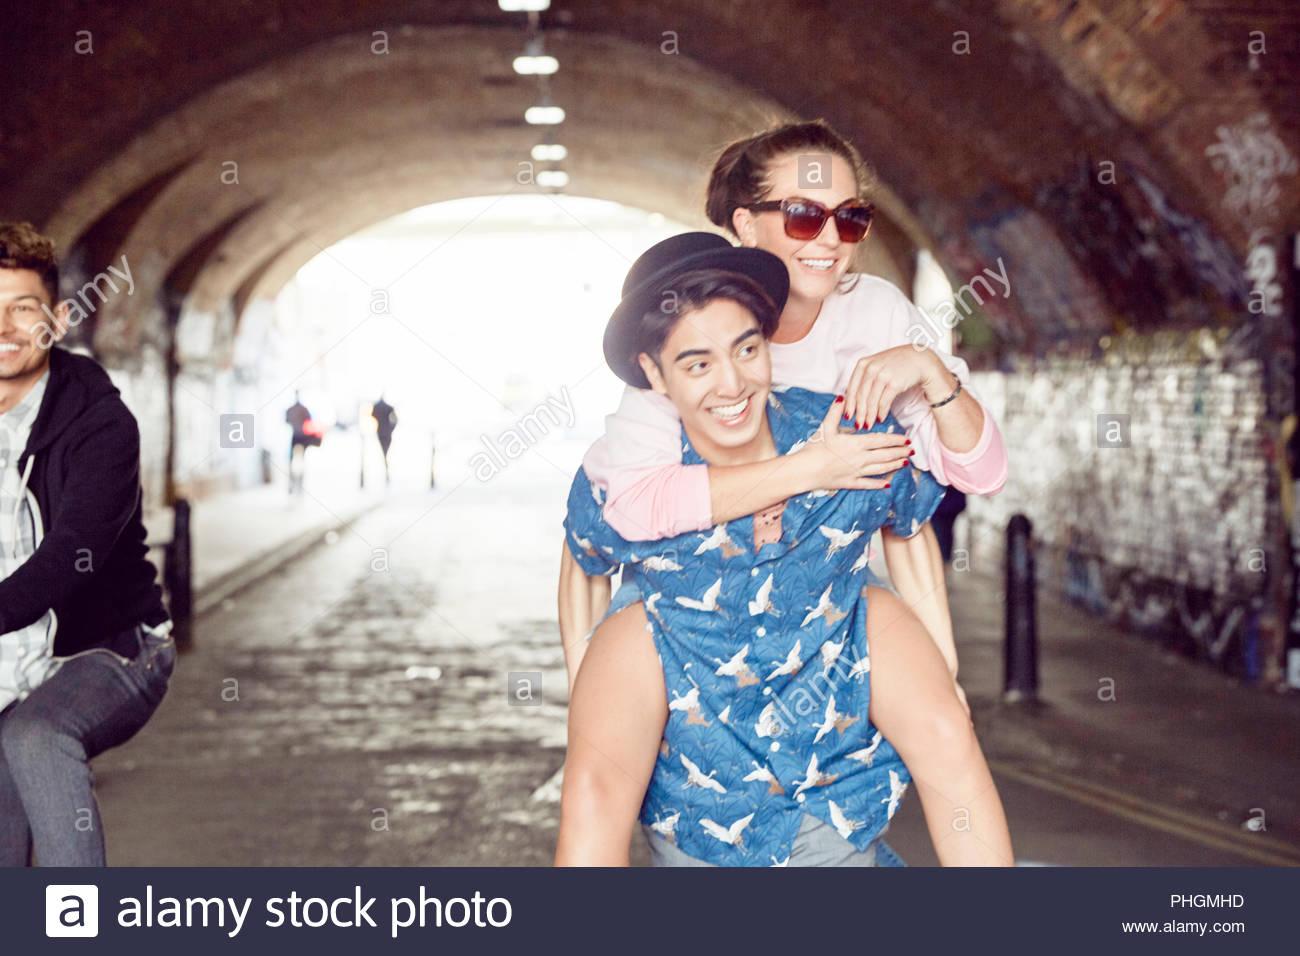 Ragazzo adolescente dando ragazza piggyback ride nel tunnel Immagini Stock